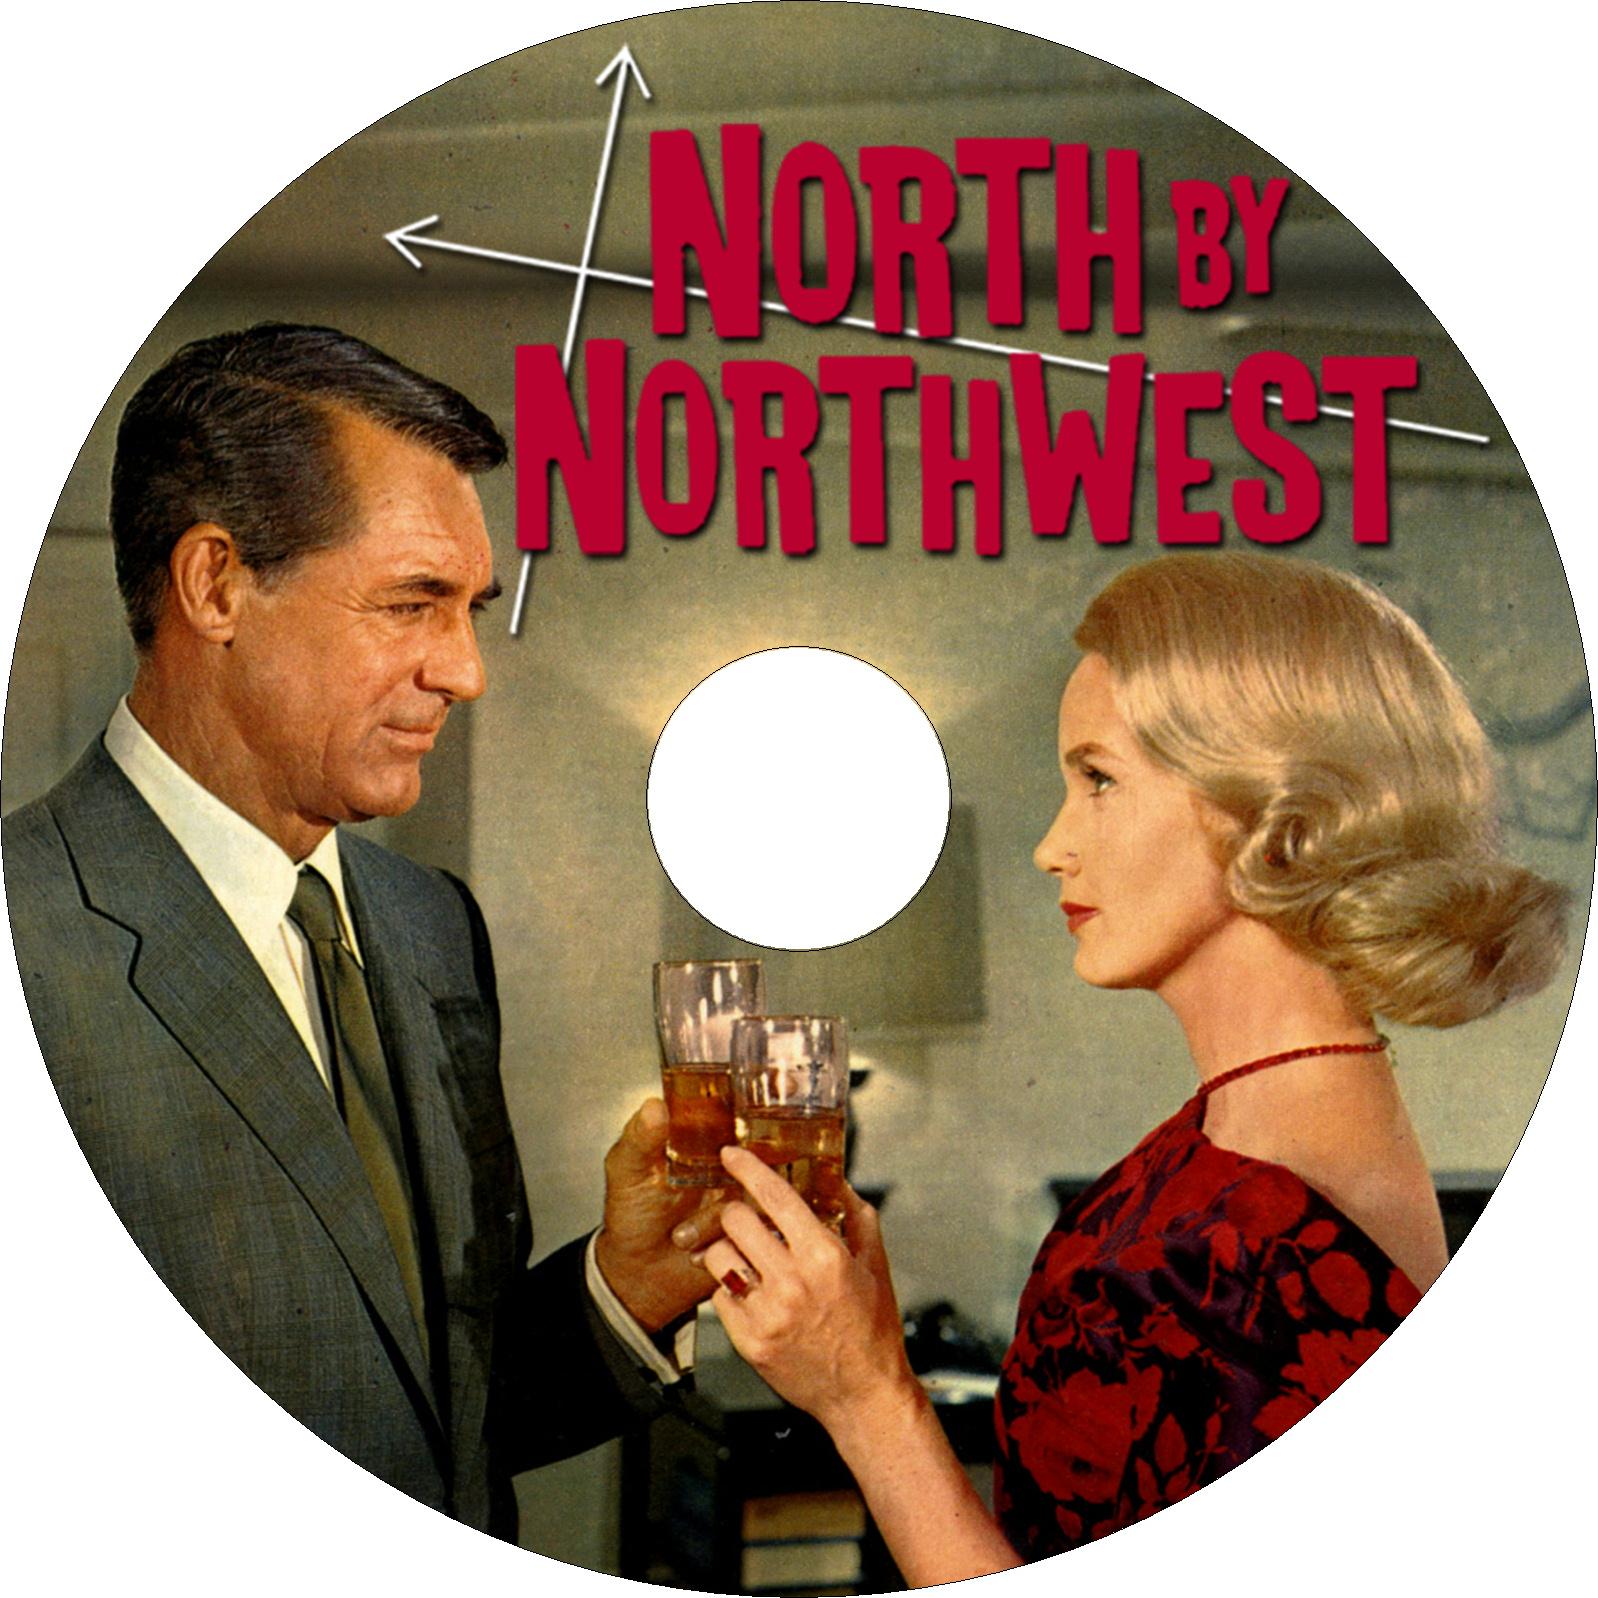 北北西に進路を取れ ラベル